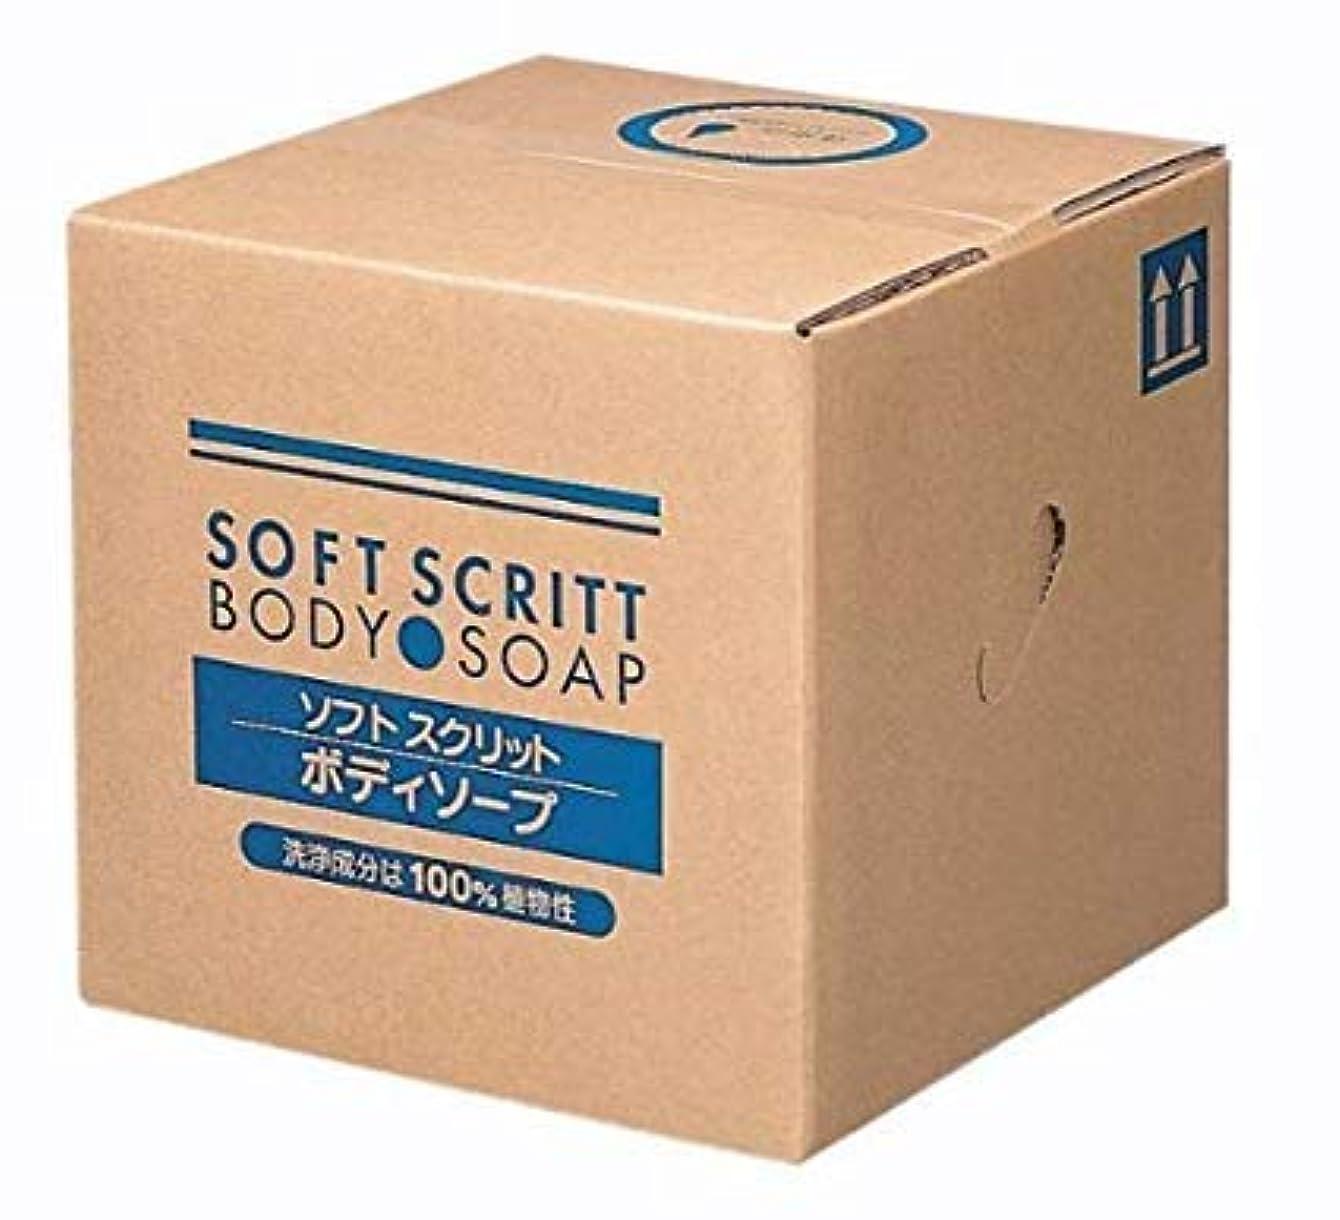 ファイアルきれいにバタフライSOFT SCRITT(ソフトスクリット) ボディソープ 詰替用 18L 4353 (熊野油脂) (清拭小物)